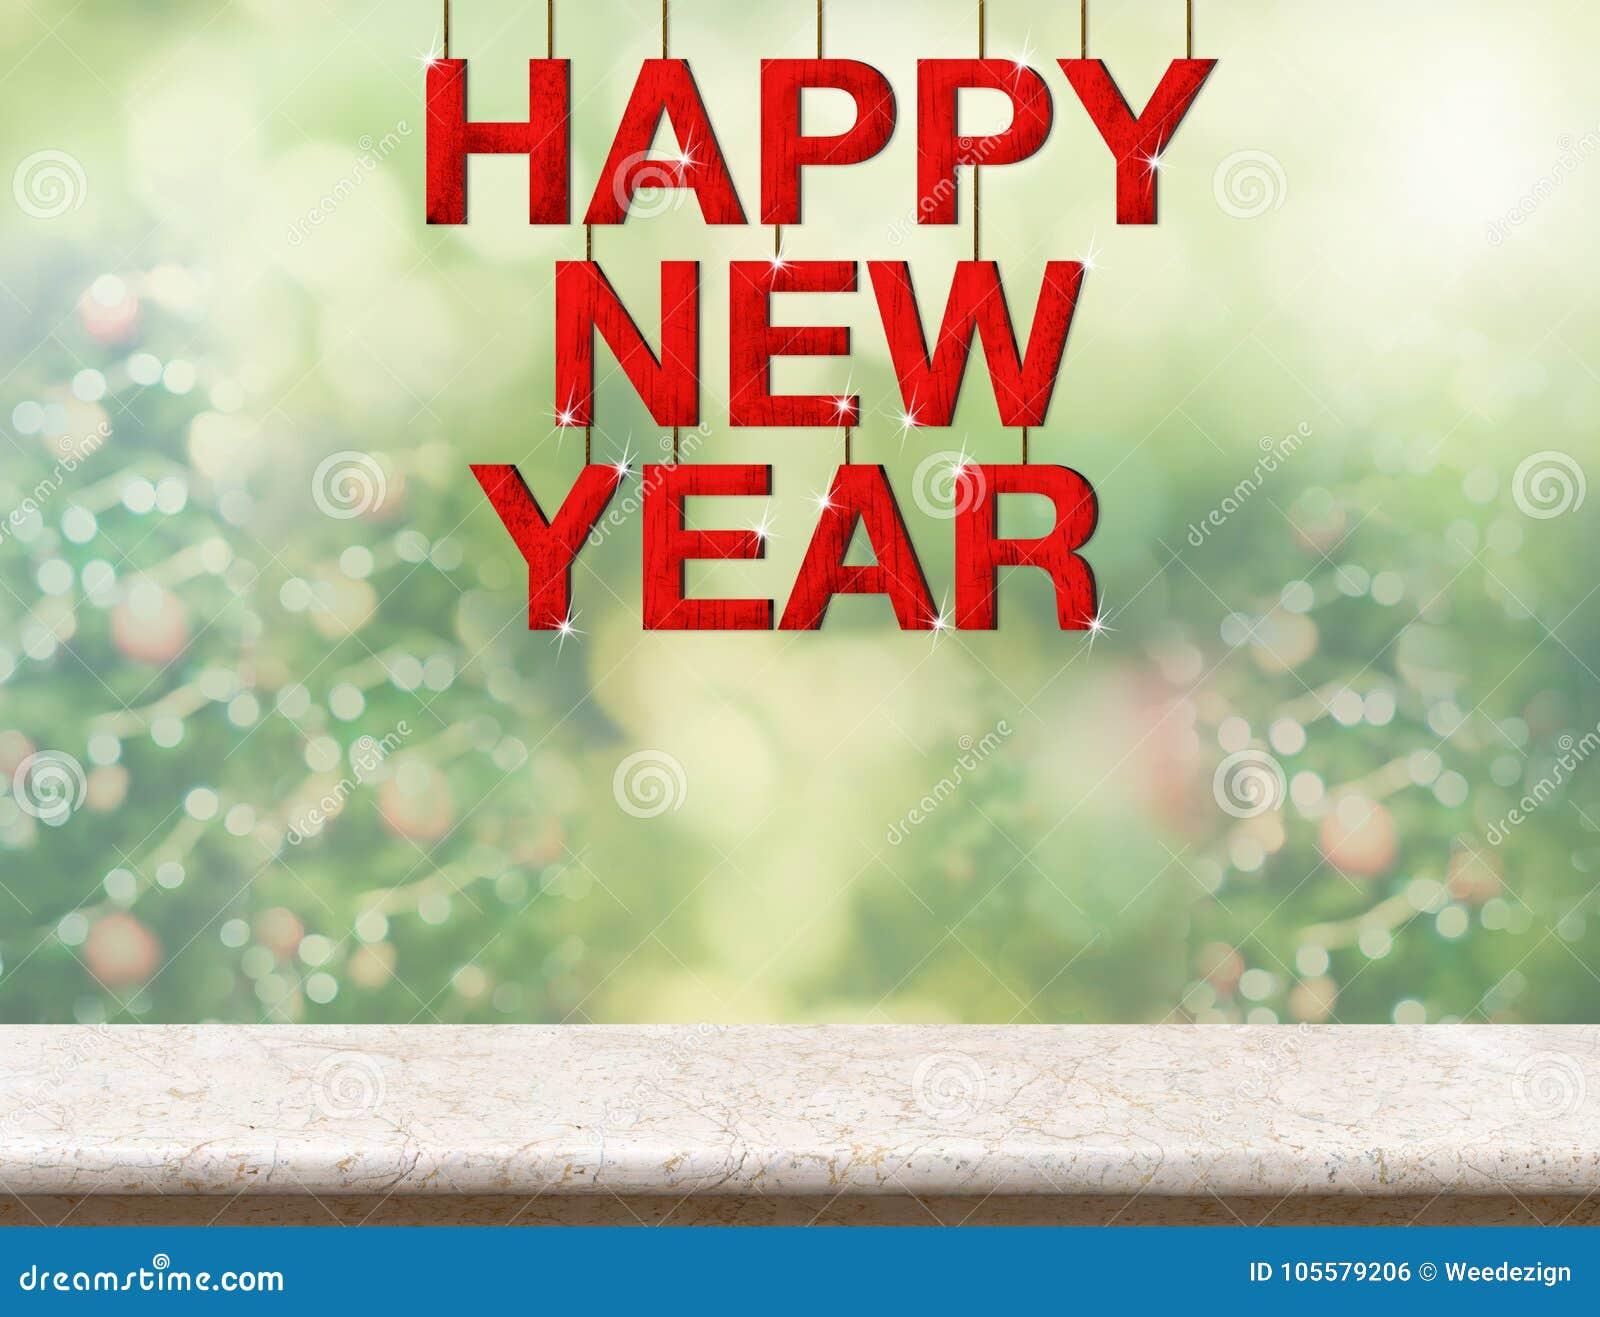 Слово красного счастливого Нового Года деревянное вися над мраморной столешницей с